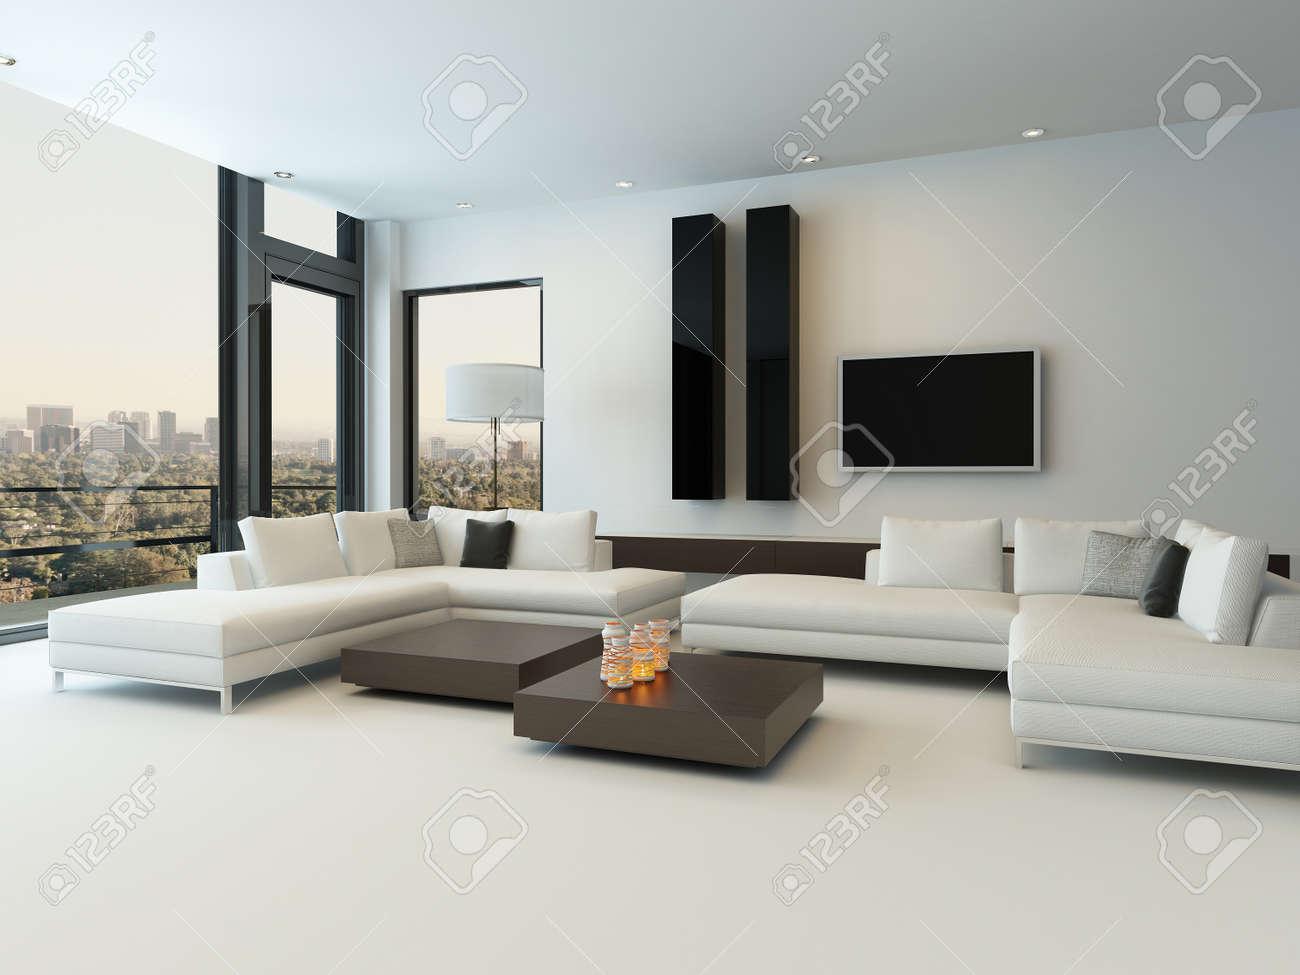 Design Moderne Ensoleillée Intérieur Salon Avec Canapé Blanc Banque ...